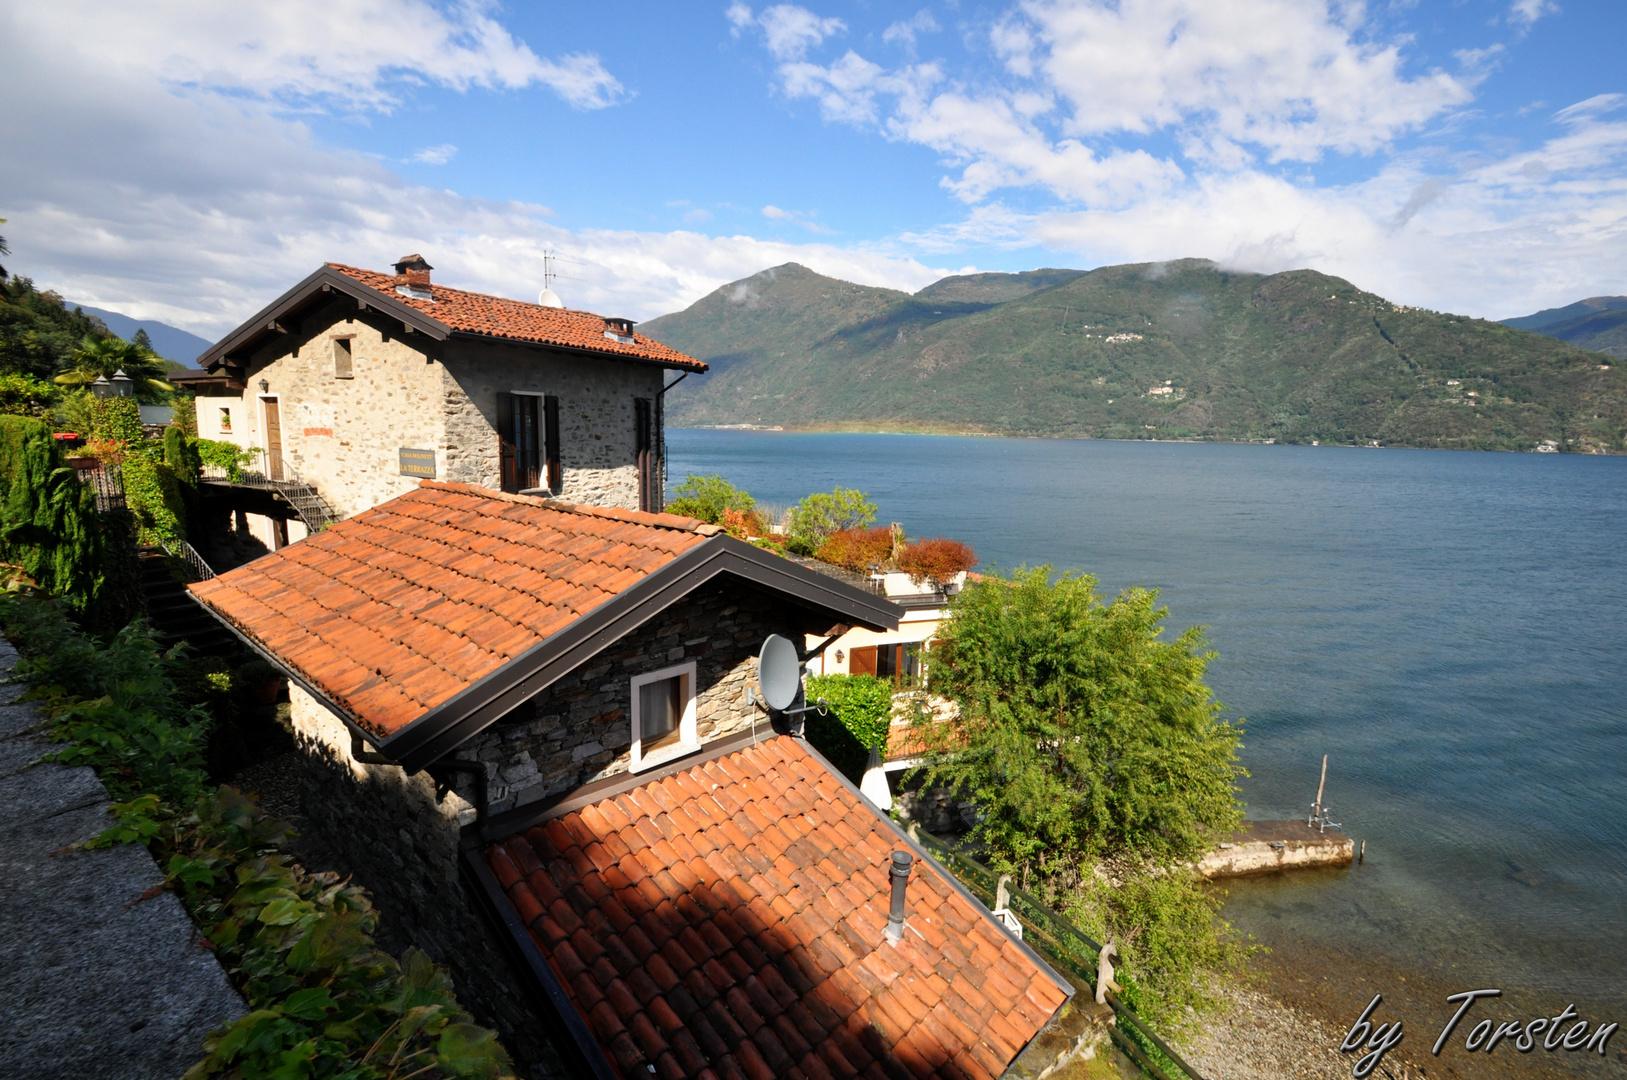 Casa Molinett - La Terrazza - Lago Maggiore Foto & Bild | europe ...